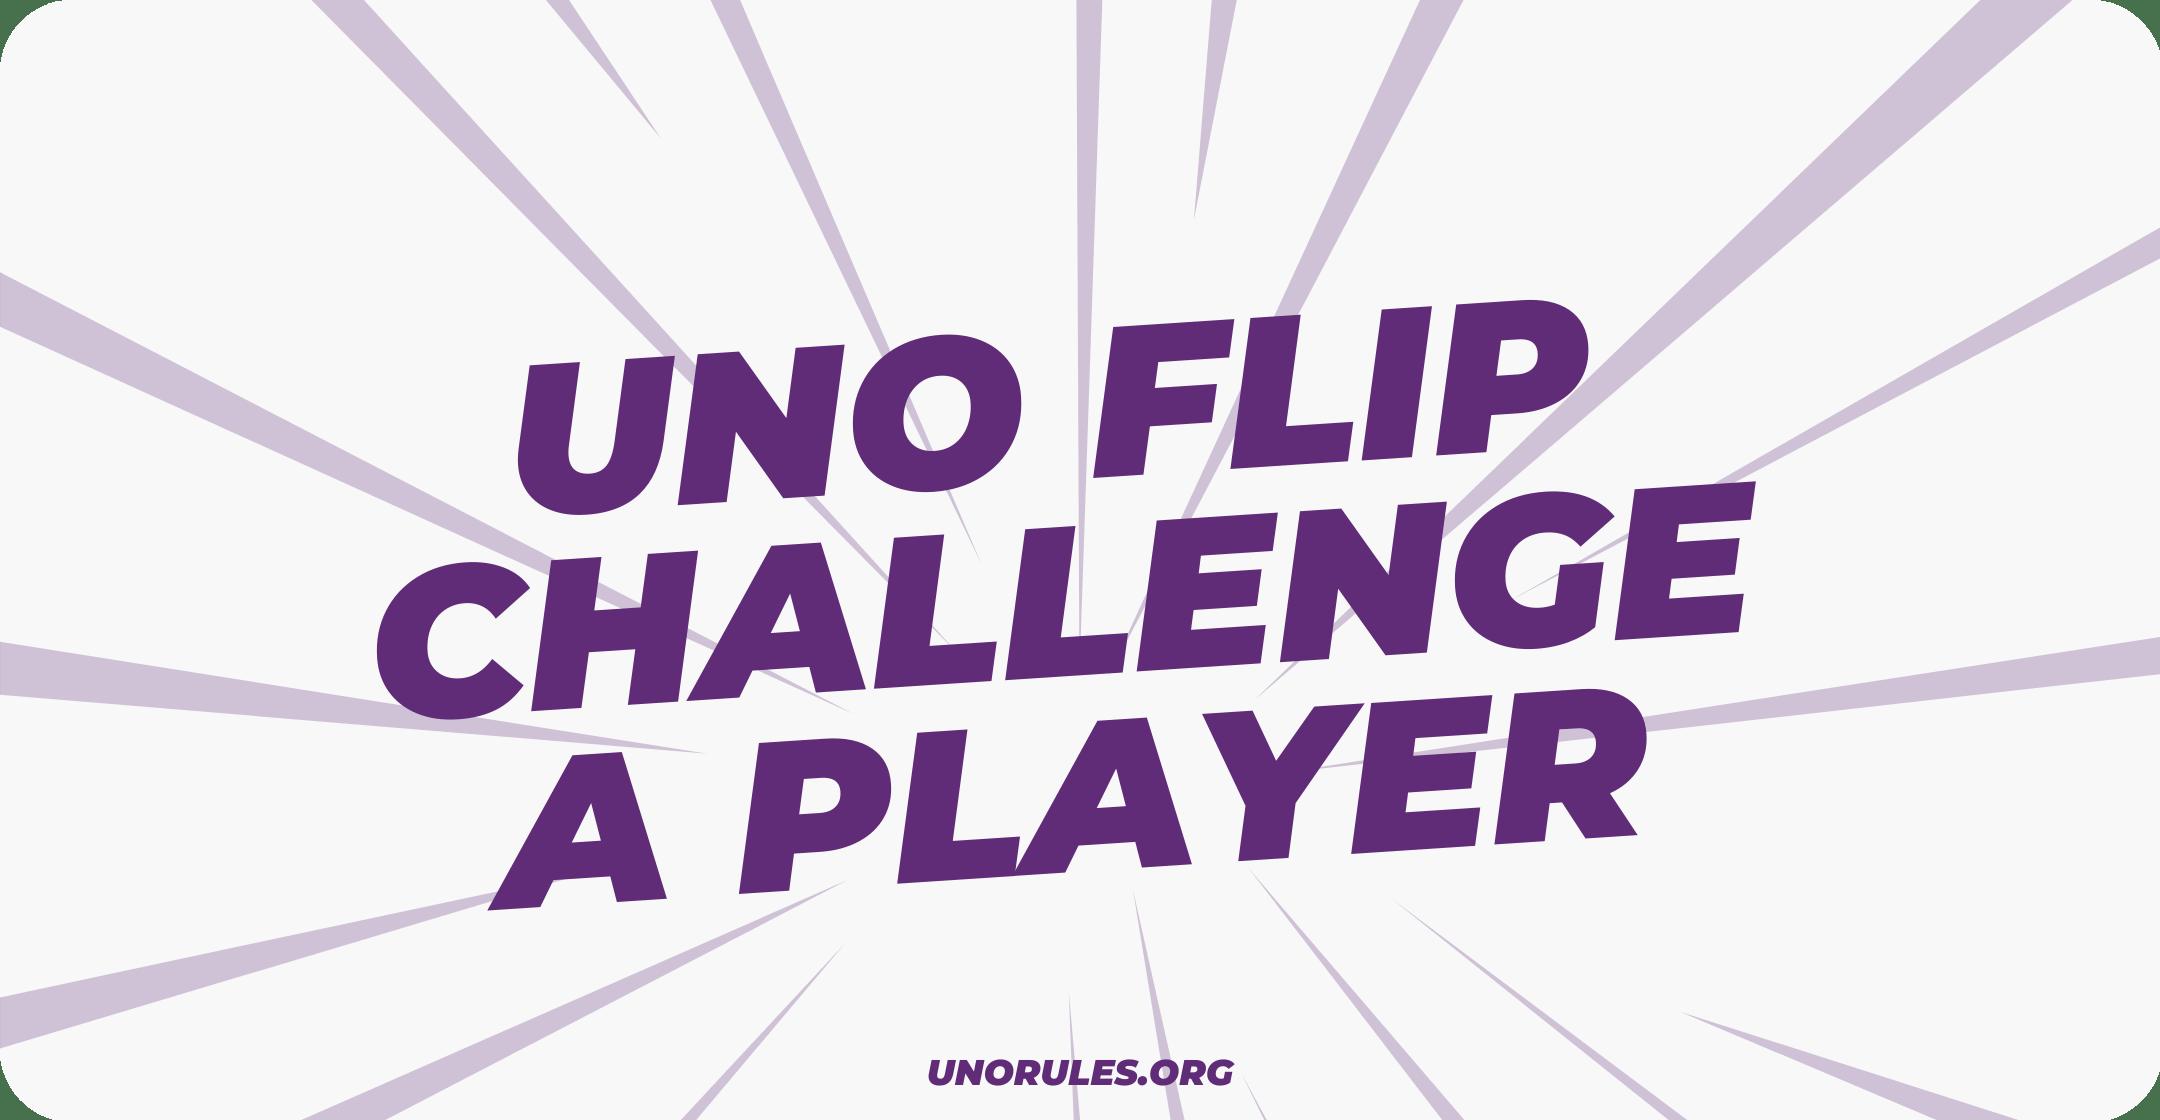 Uno Flip Challenge a player